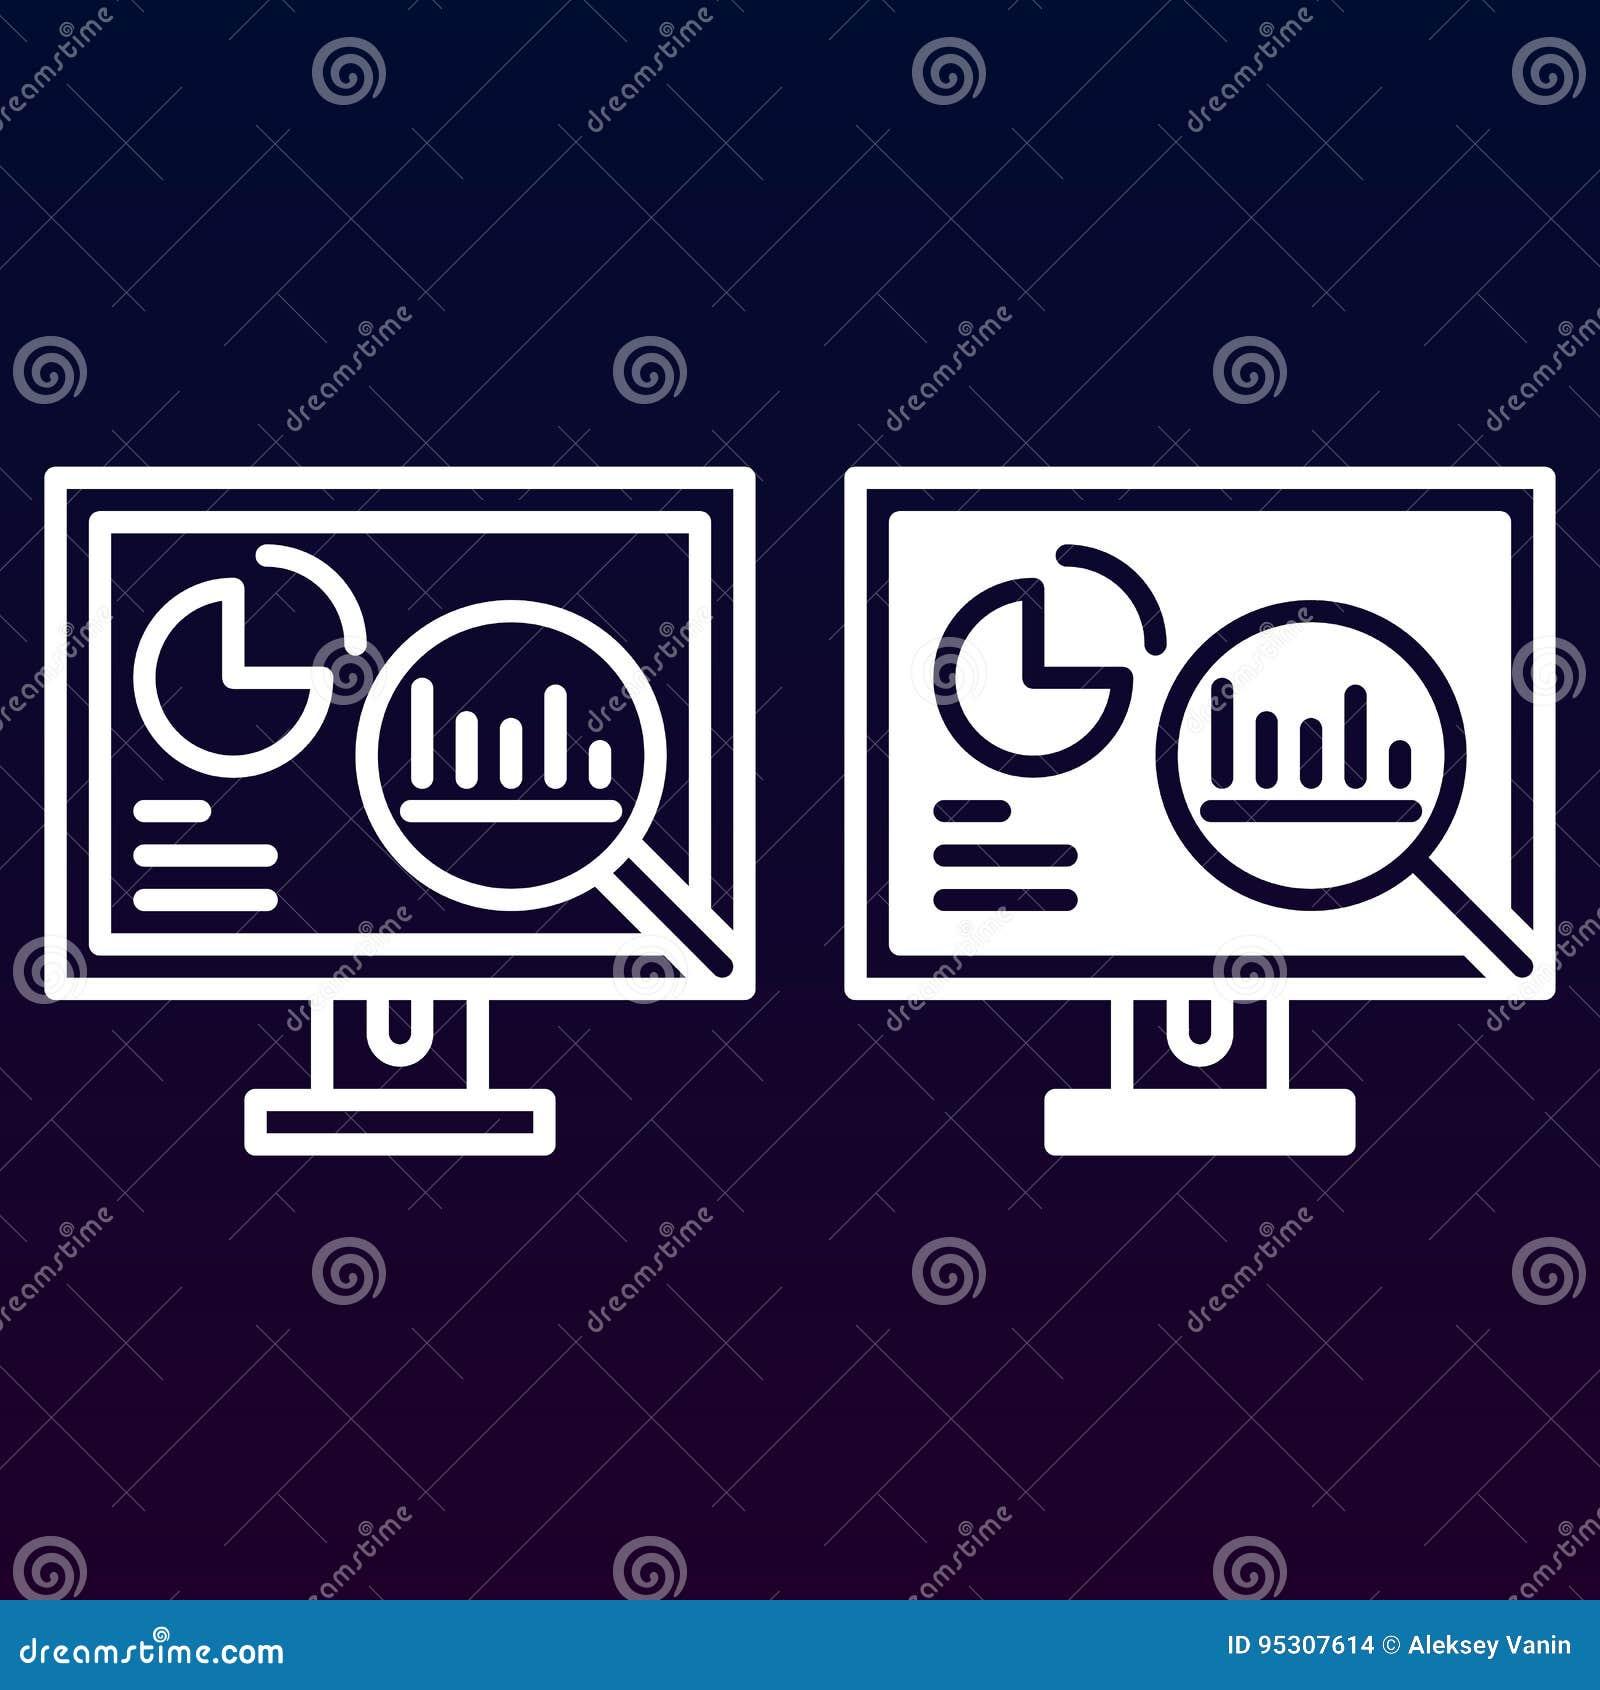 Analytics, προσωπικός υπολογιστής γραφείου με τη γραμμή γραφικών παραστάσεων και το στερεό εικονίδιο, περίληψη και γεμισμένο διαν